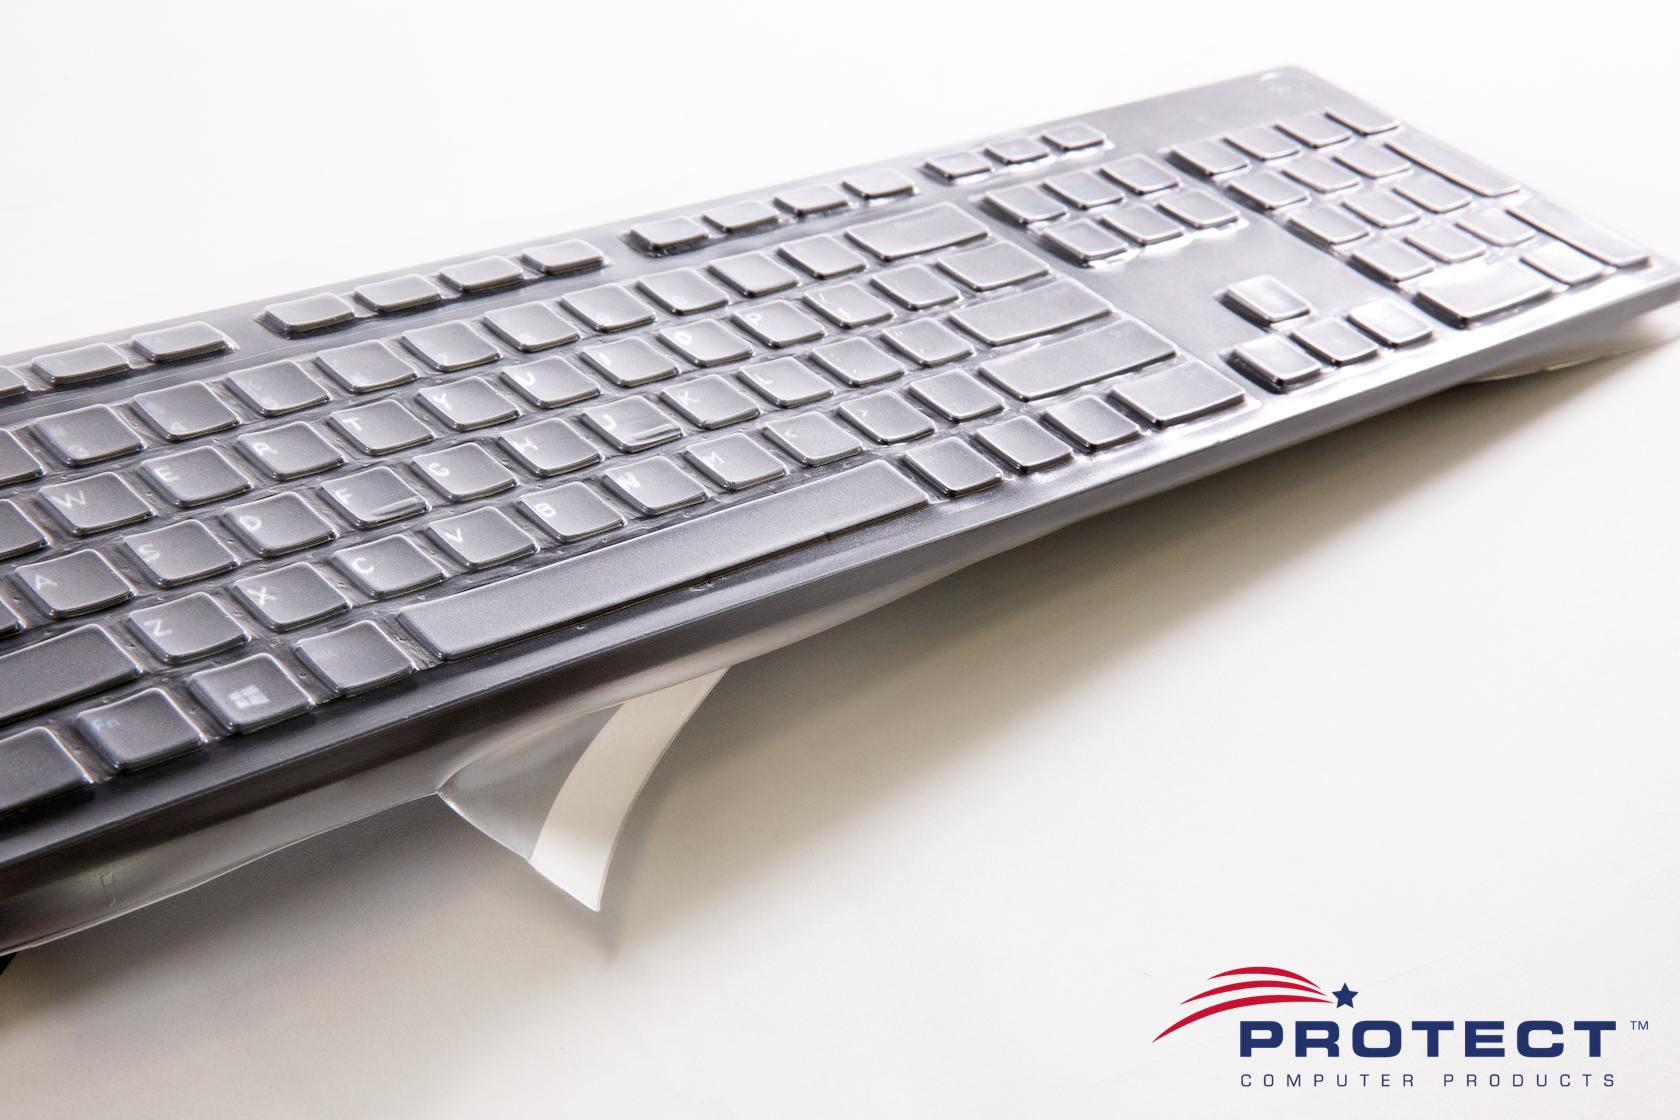 Perixx Periboard-409 Mini Keyboard Cover